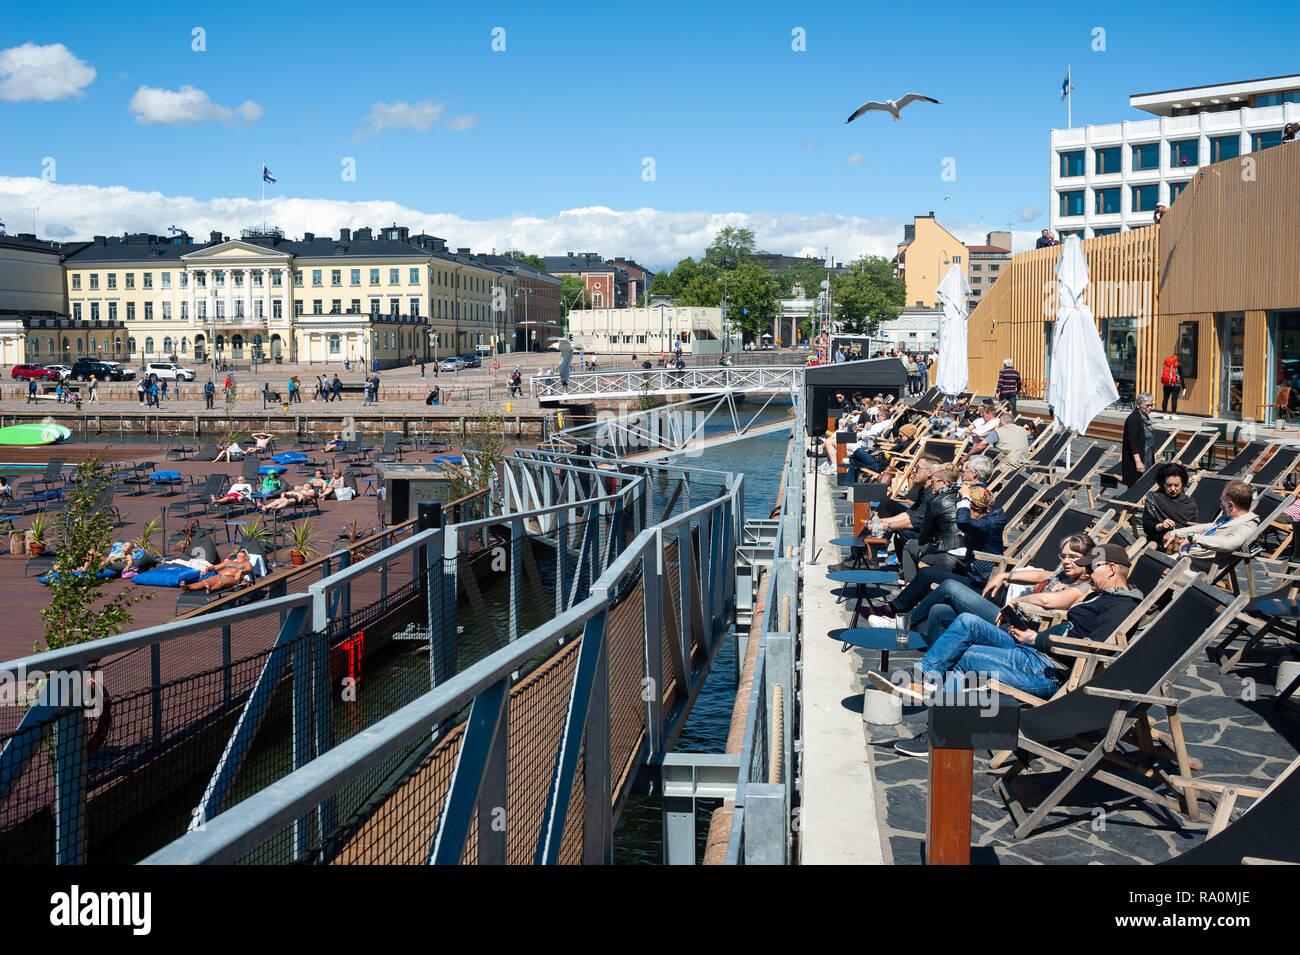 23.06.2018 - Helsinki, Finnland, Europa - Ein Blick auf die Sonnenterrasse des Allas Meer Pool mit Hafen, Marktplatz und dem Praesidentenpalais im Tipp Stockbild